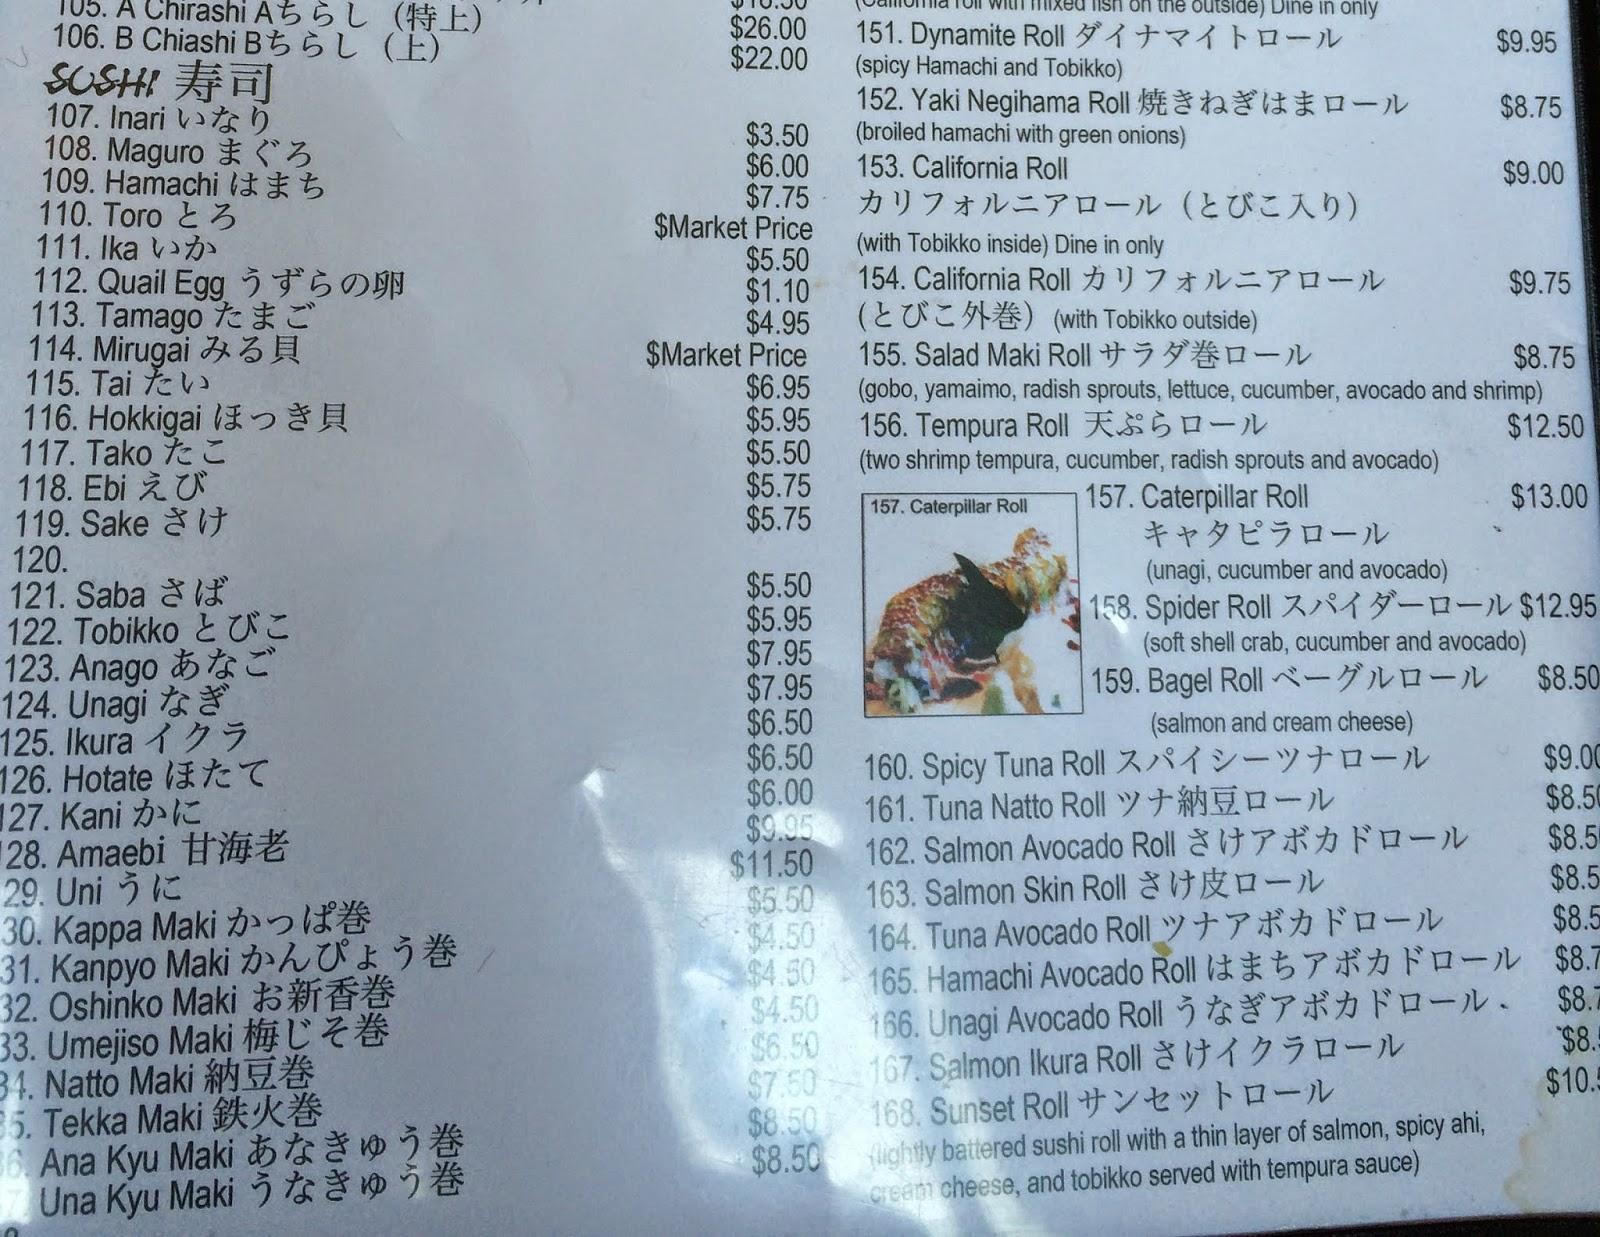 TASTE OF HAWAII: KUNIO JAPANESE RESTAURANT